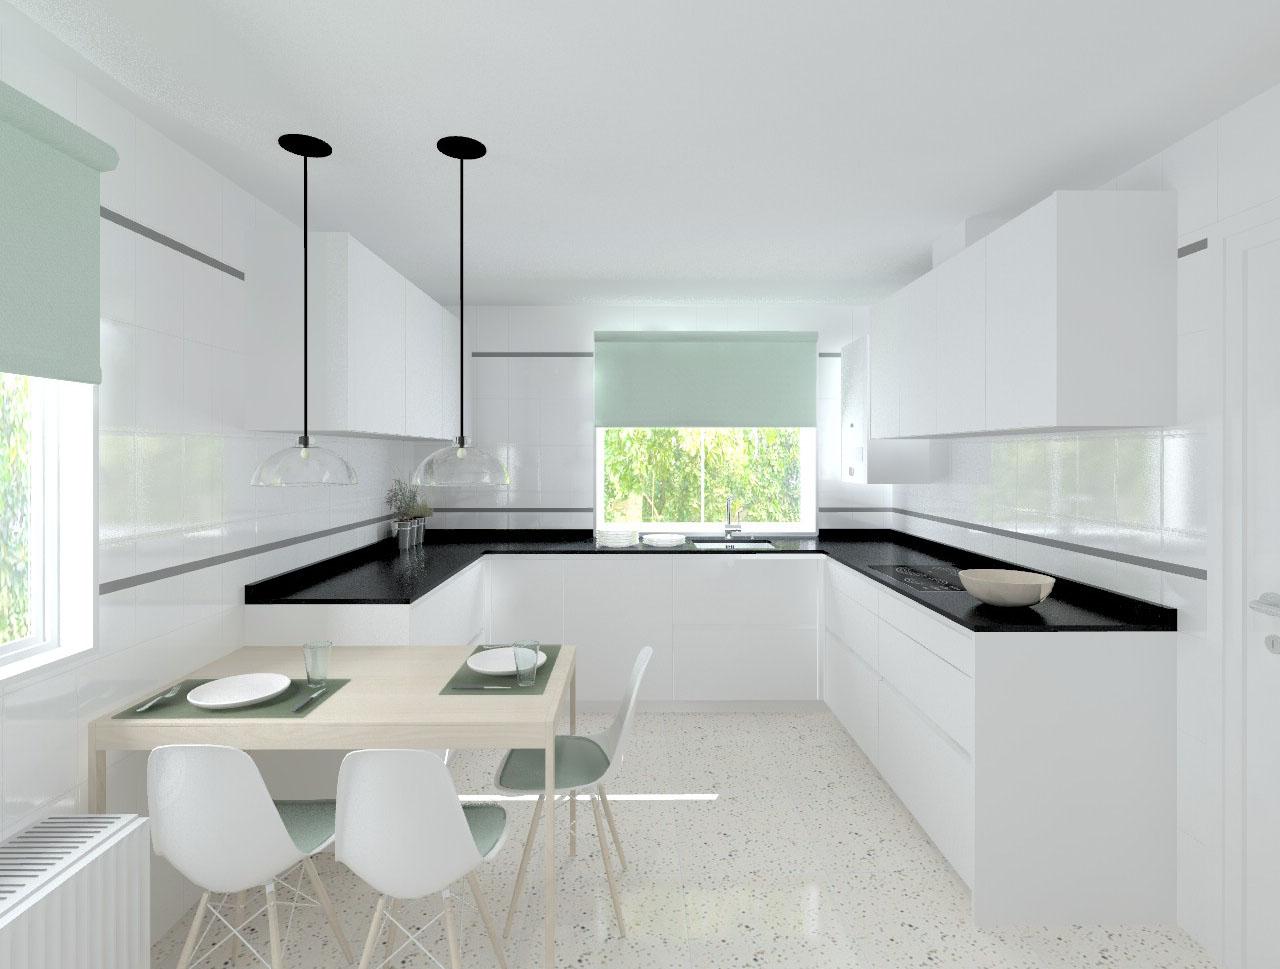 Madrid cocina santos modelo line l blanco seda mate for Cocina blanca encimera granito negra